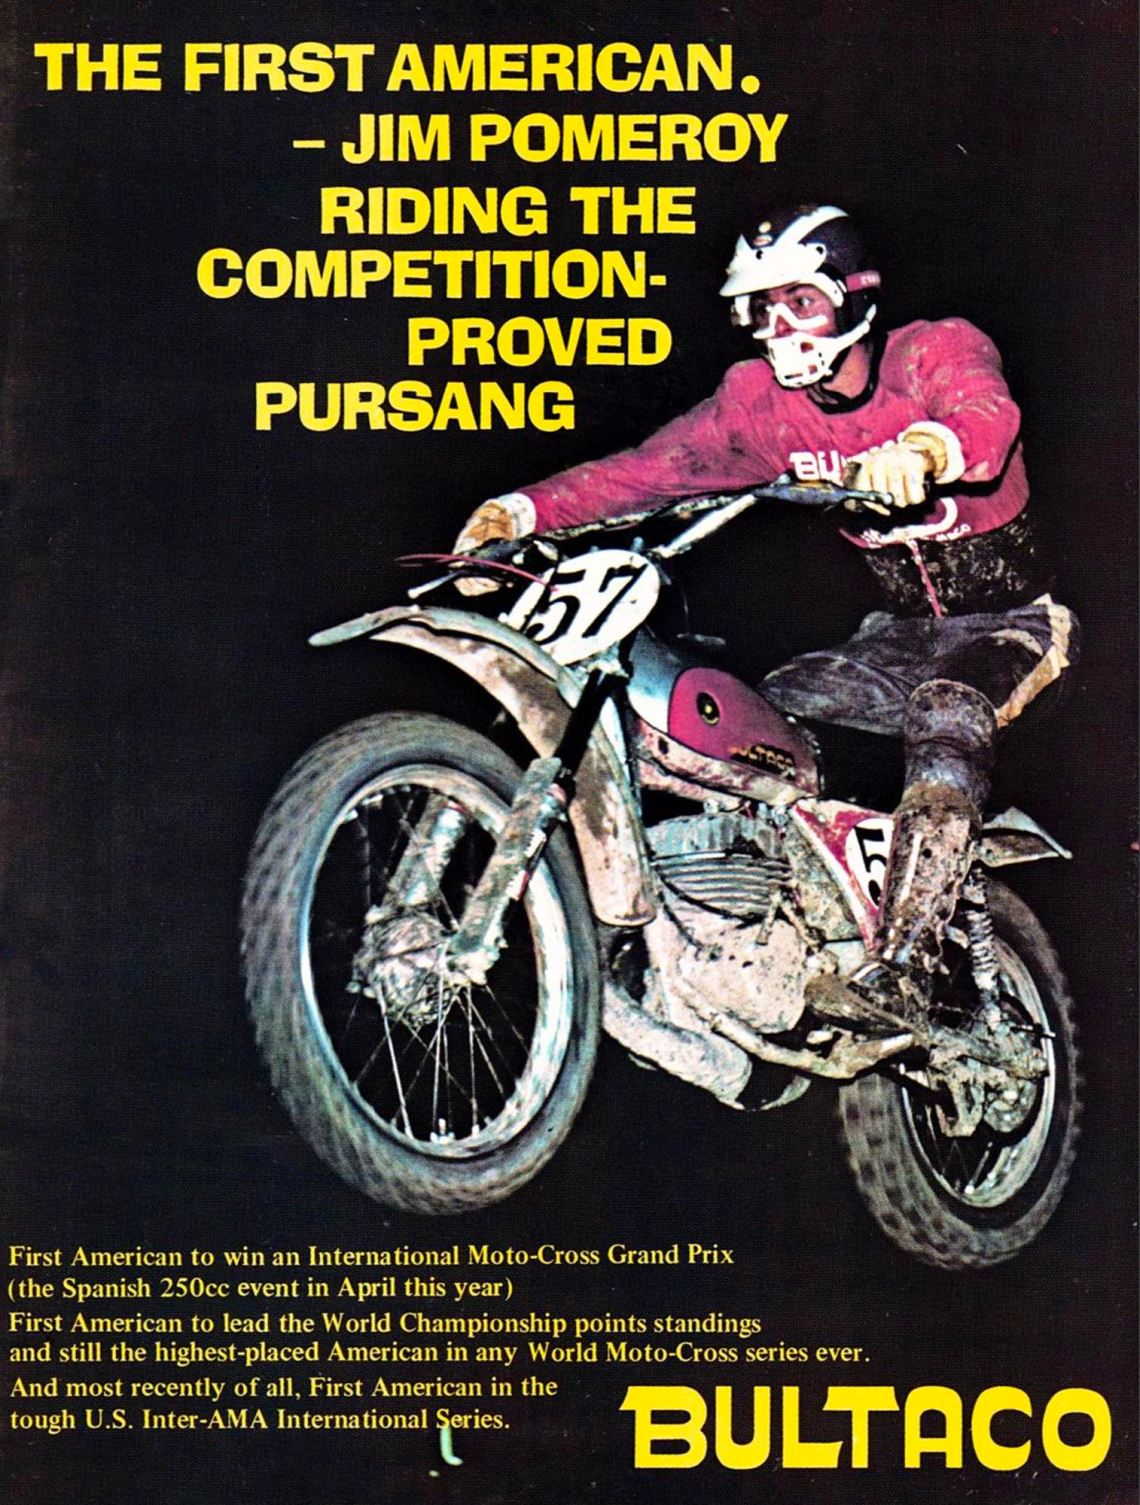 1974 Bultaco Jim Pomeroy Ad